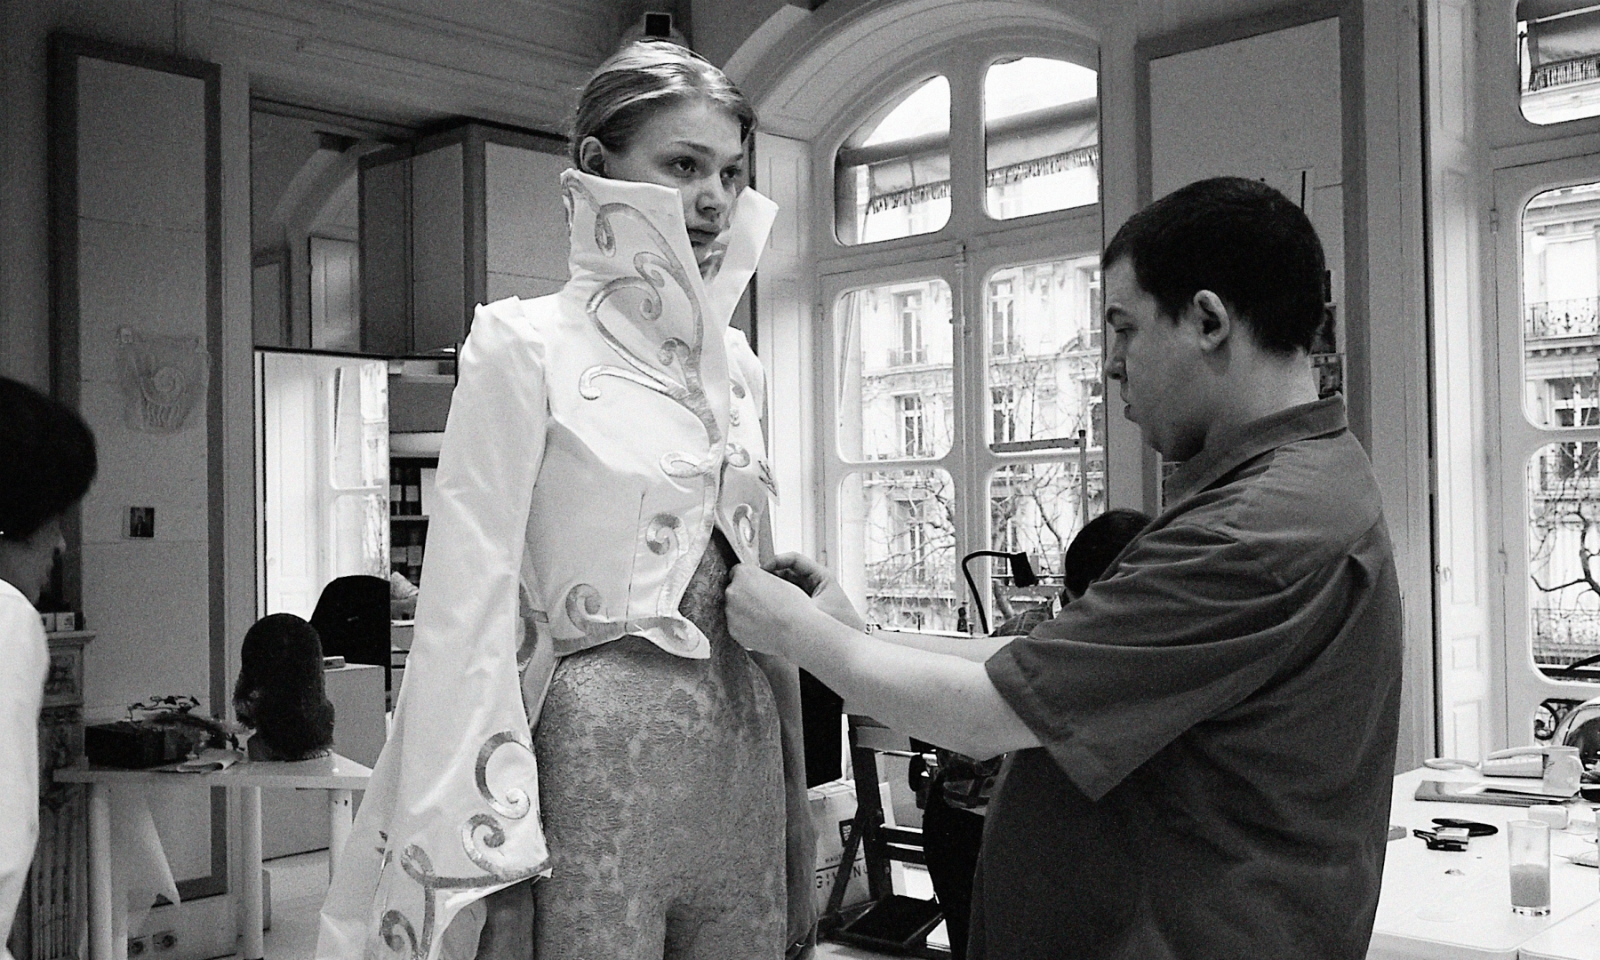 美国收藏家 Jennifer Zuiker 将竞拍珍藏的 McQueen 秀场作品